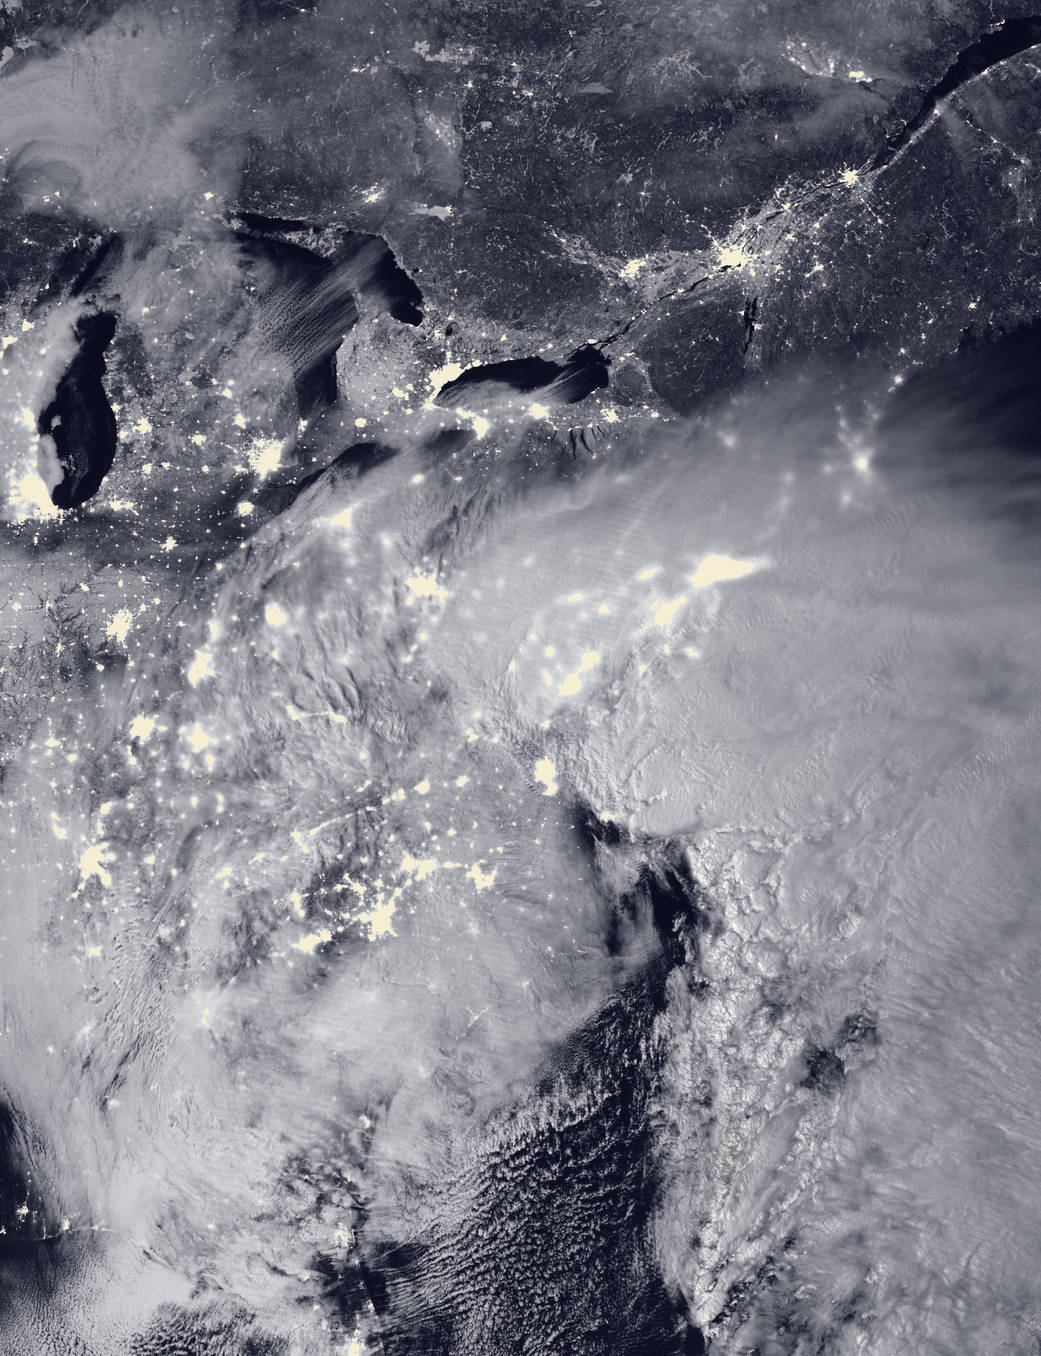 2016.1.24:月明かりに浮かぶ2016年のブリザード(暴風雪)